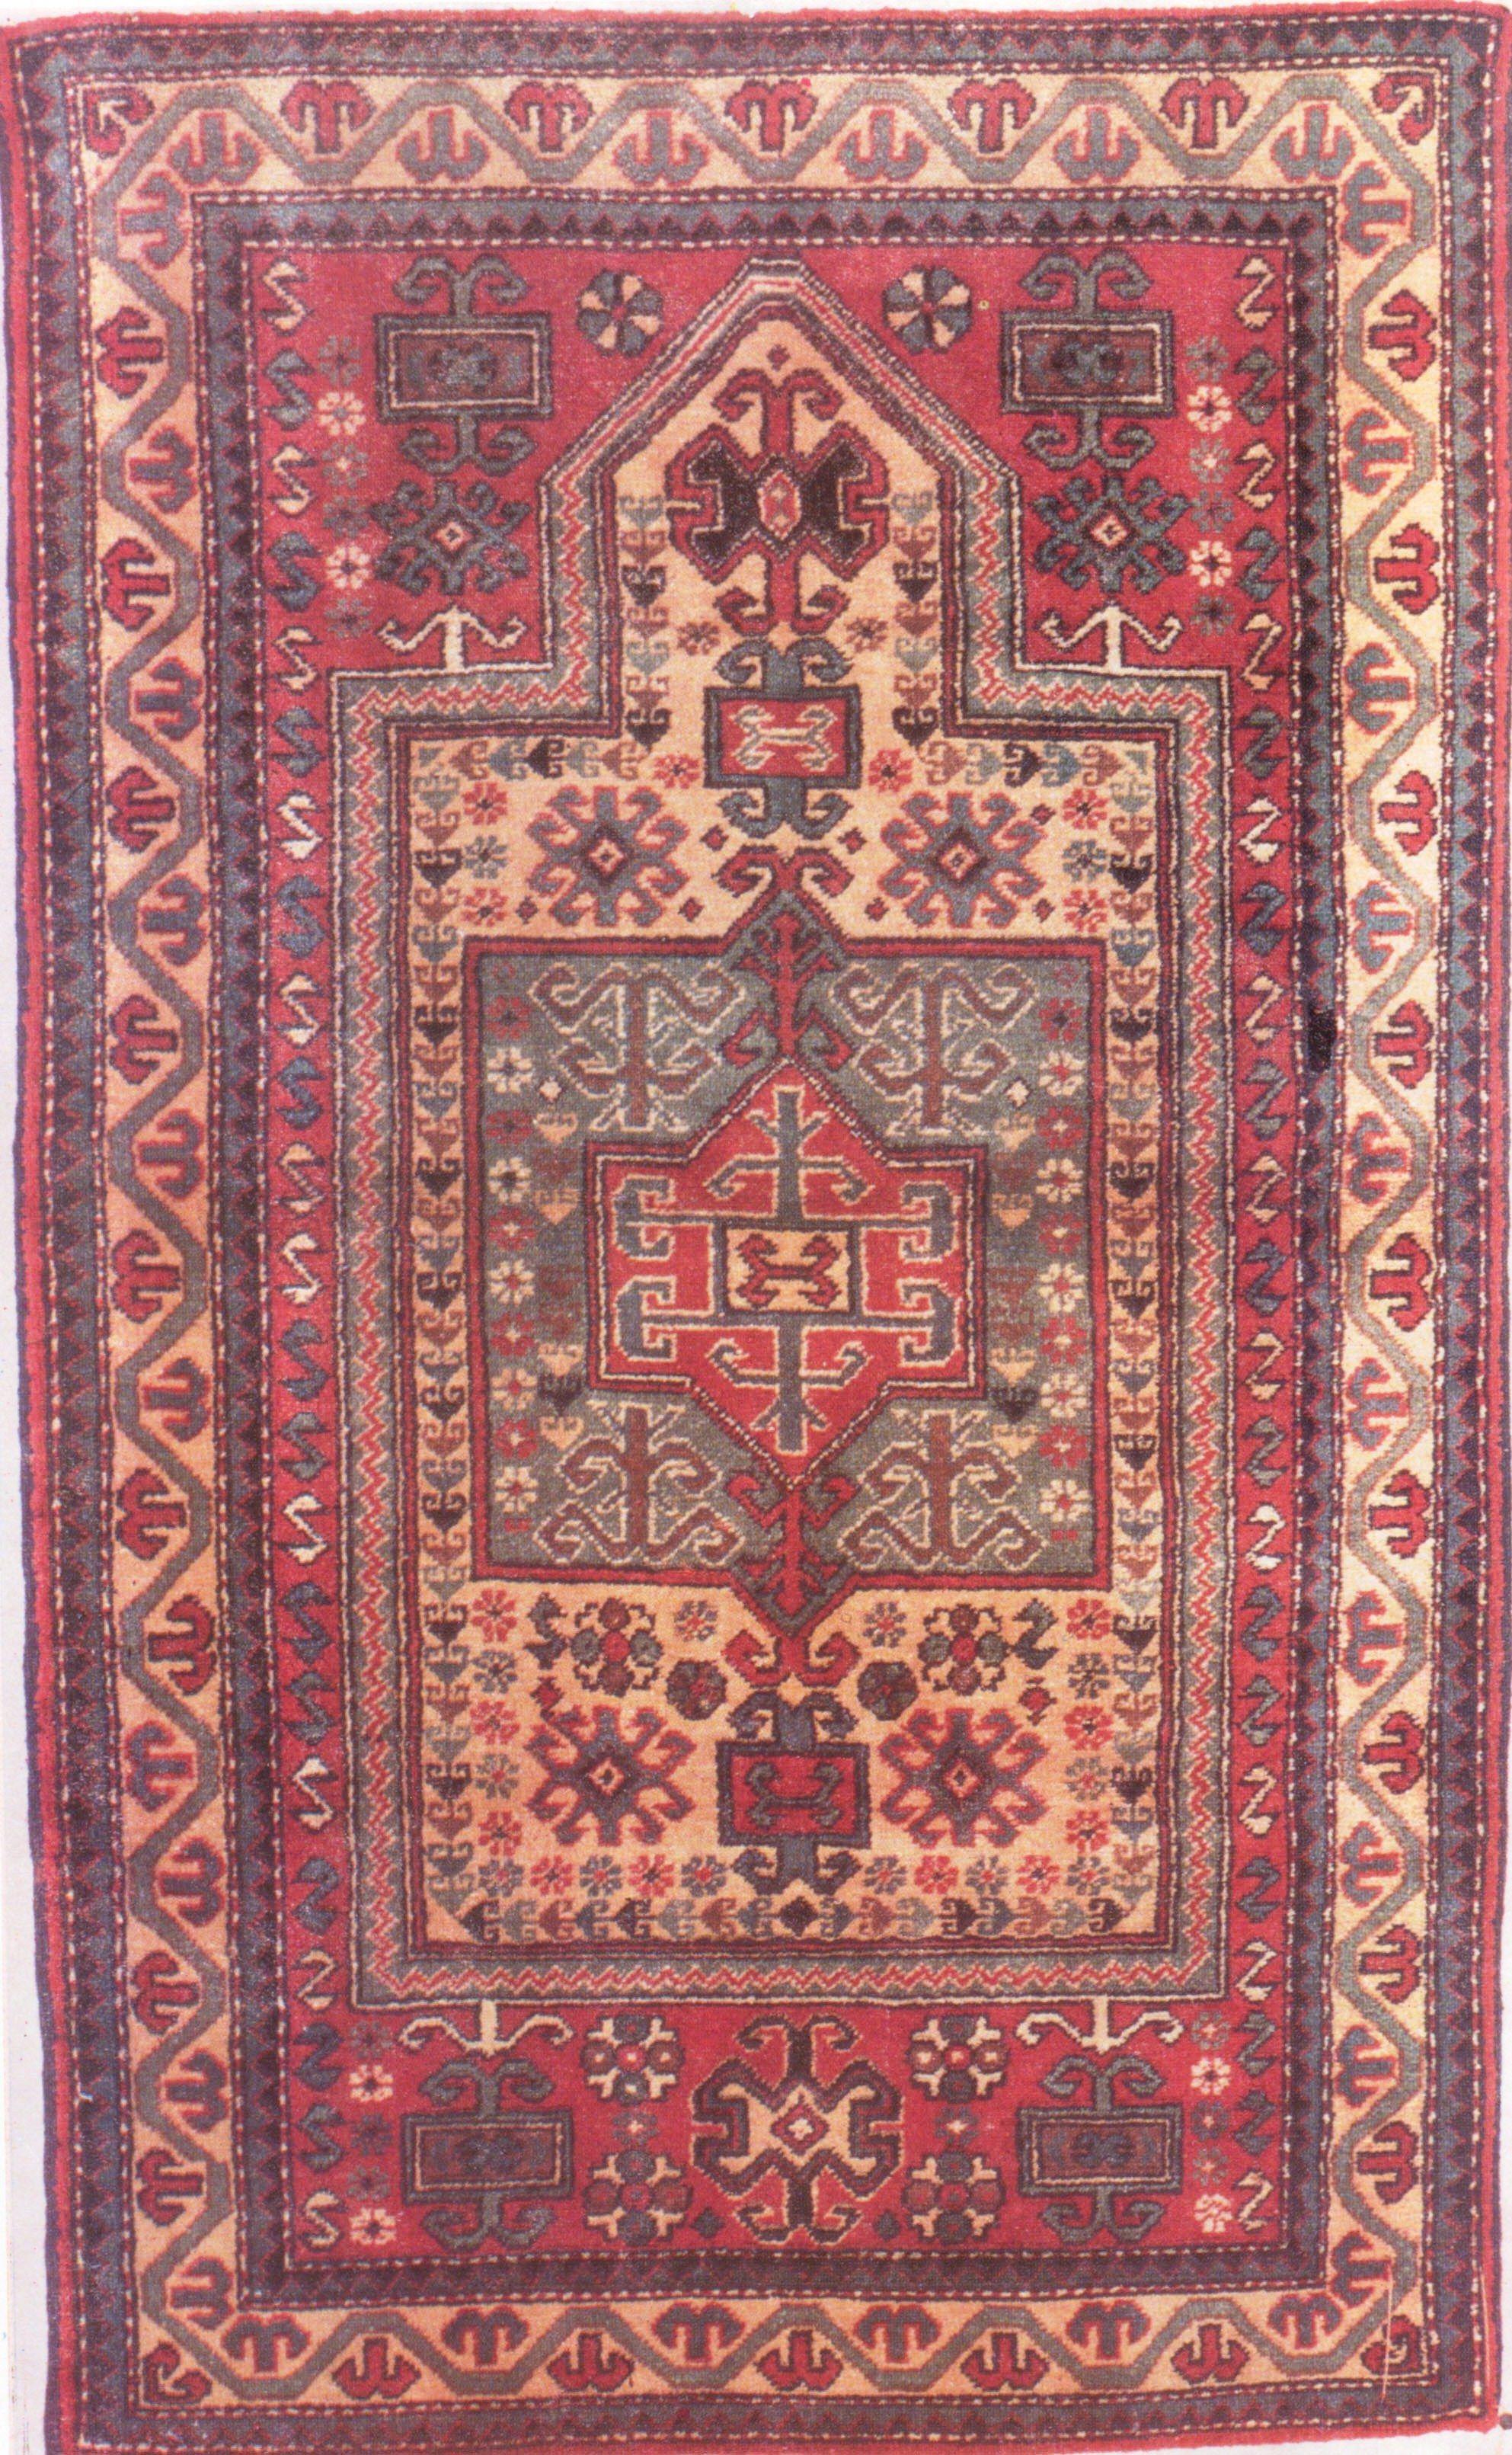 Հայկական գորգեր | վիշապագորգ armeniaculture.am